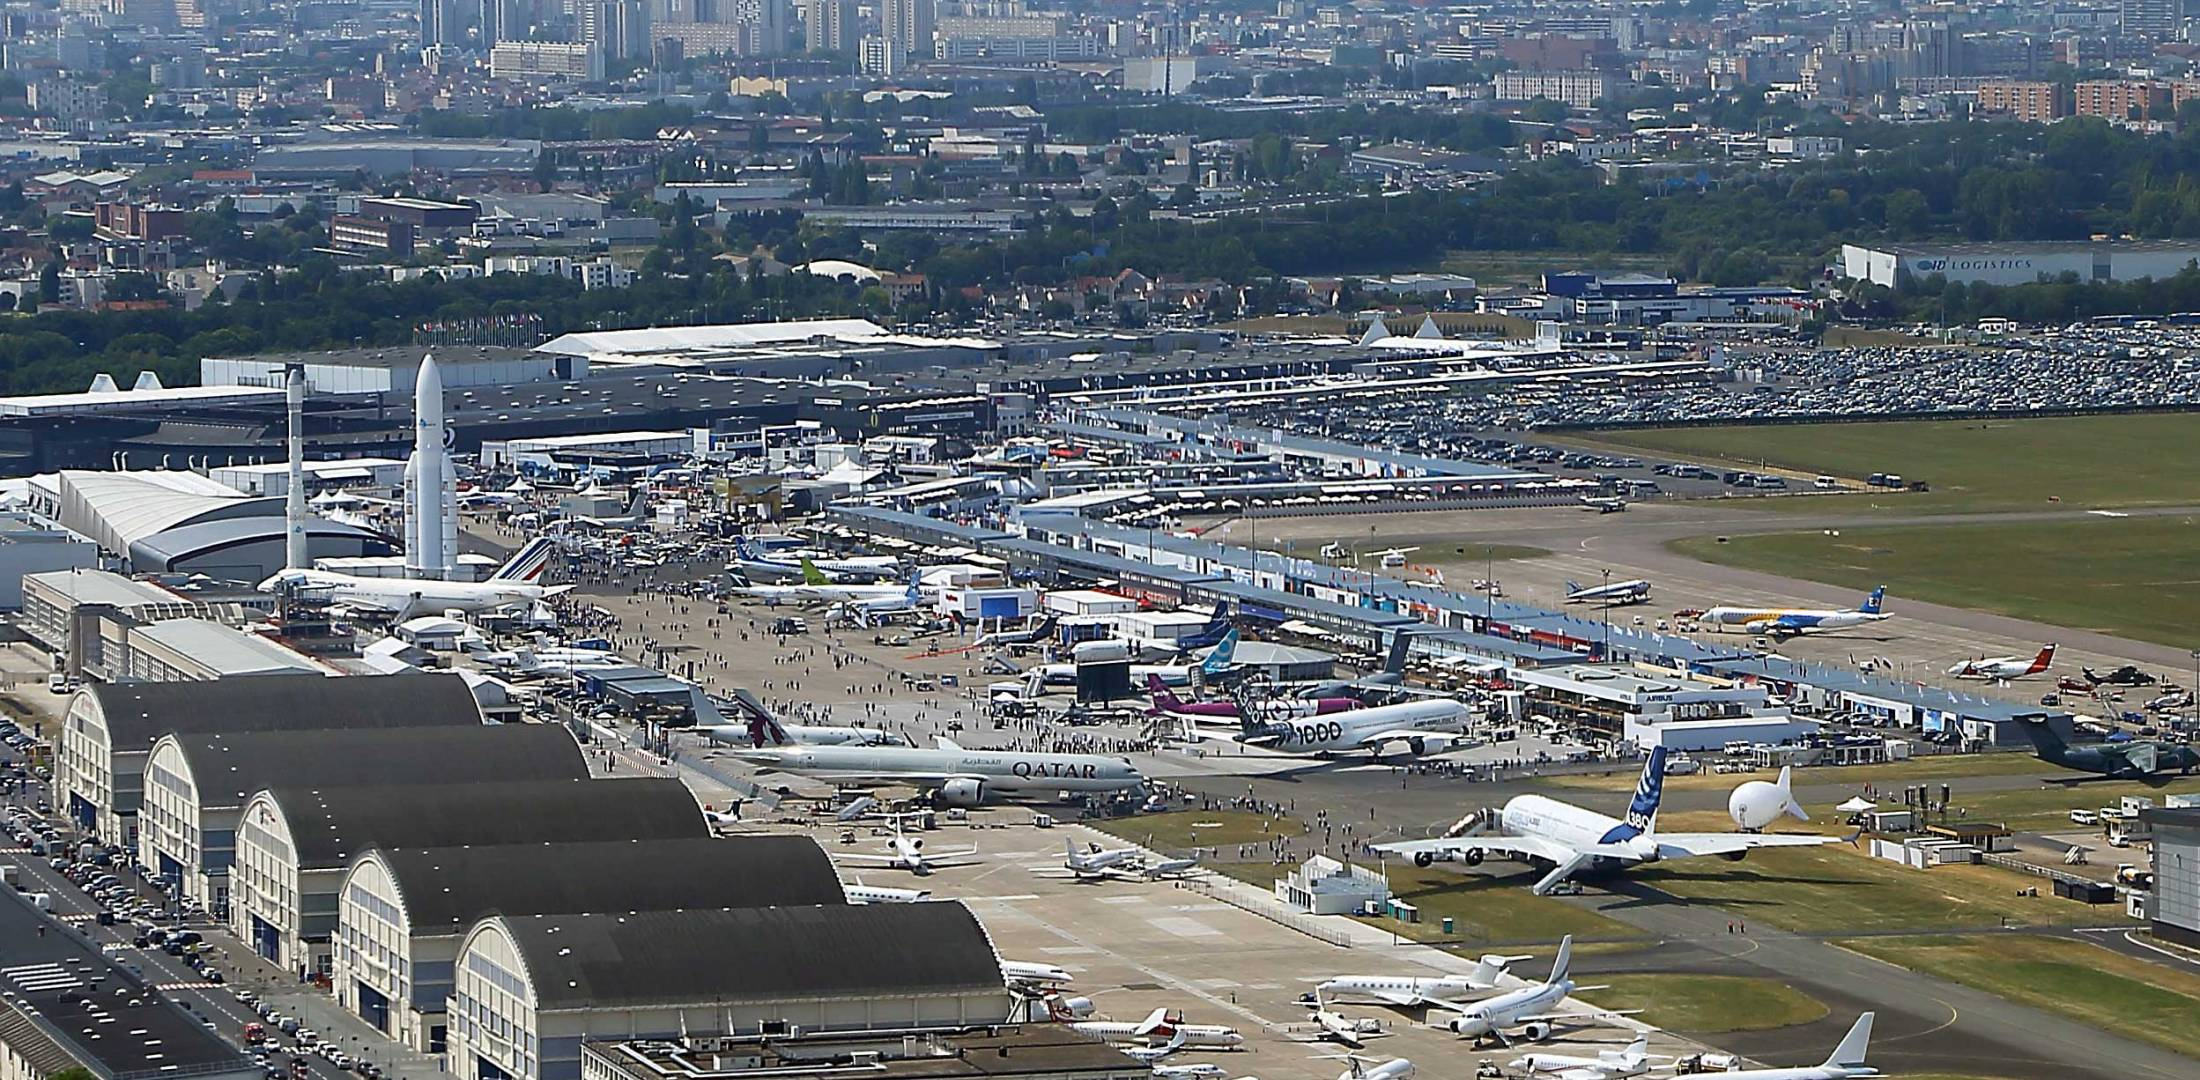 Rusos se encontraban en los alrededores del aeropuerto de Bourget. | Foto: Twitter / @parisairshow